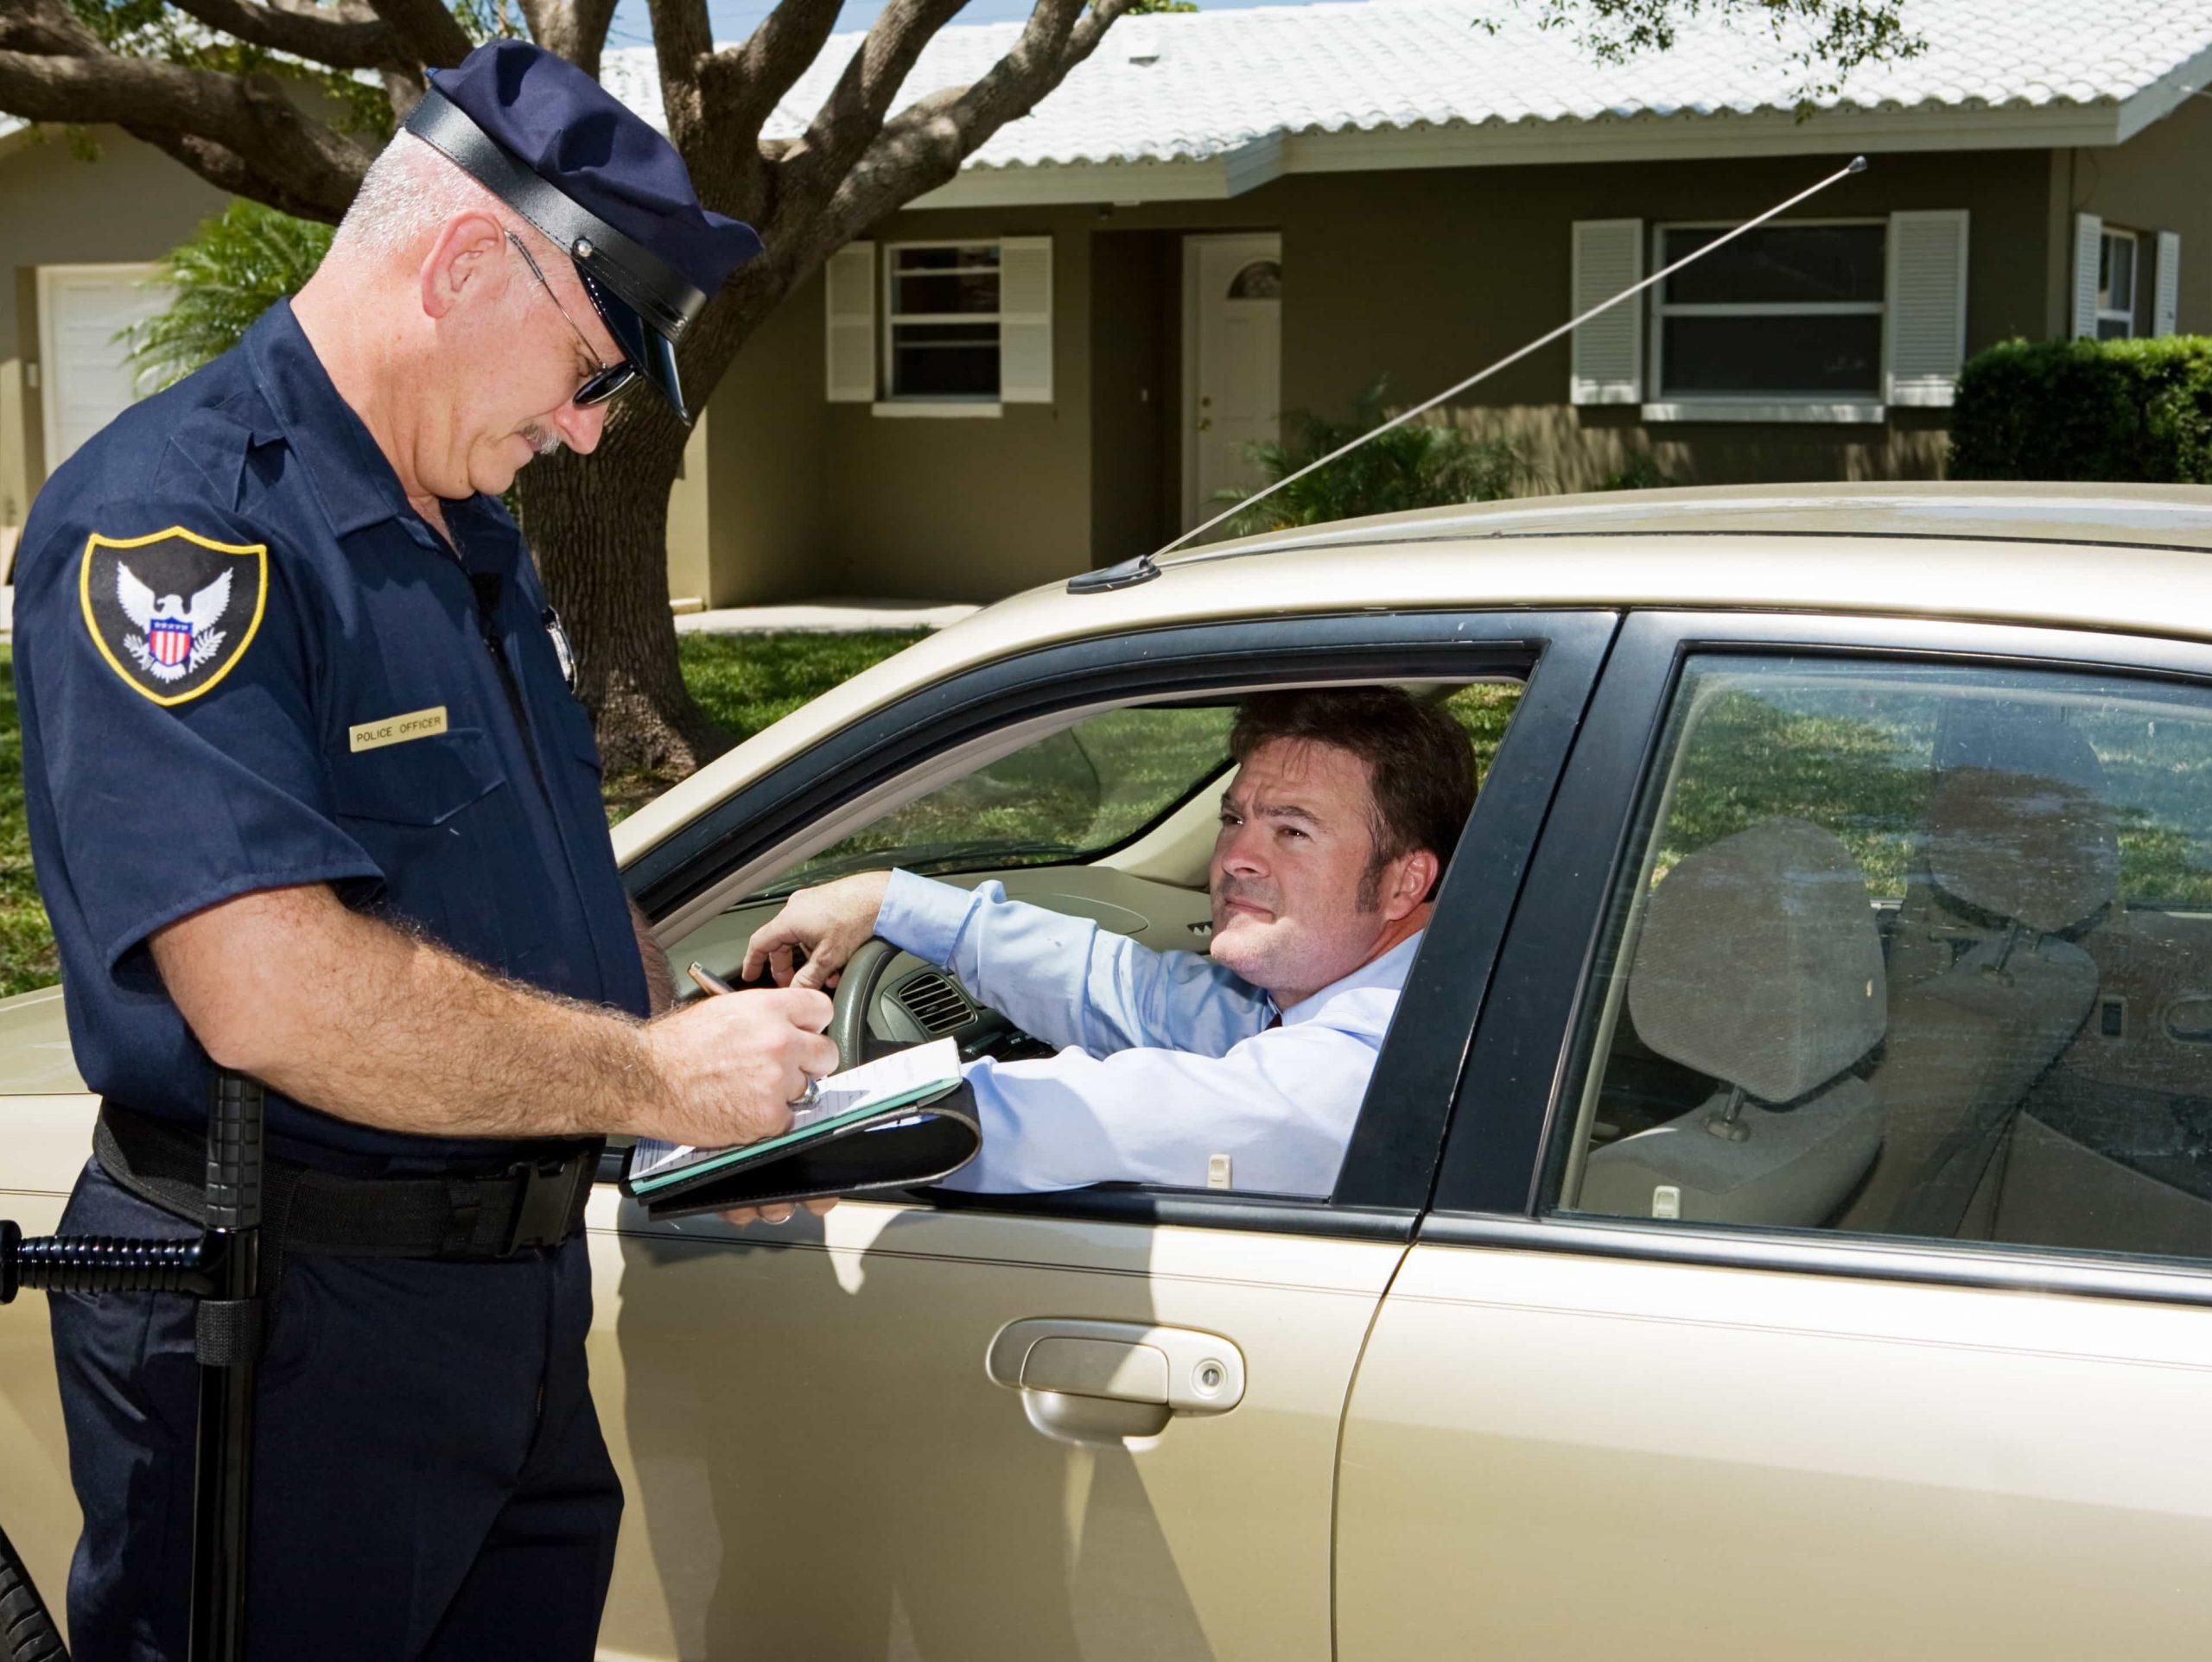 Полицейский остановил автомобиль